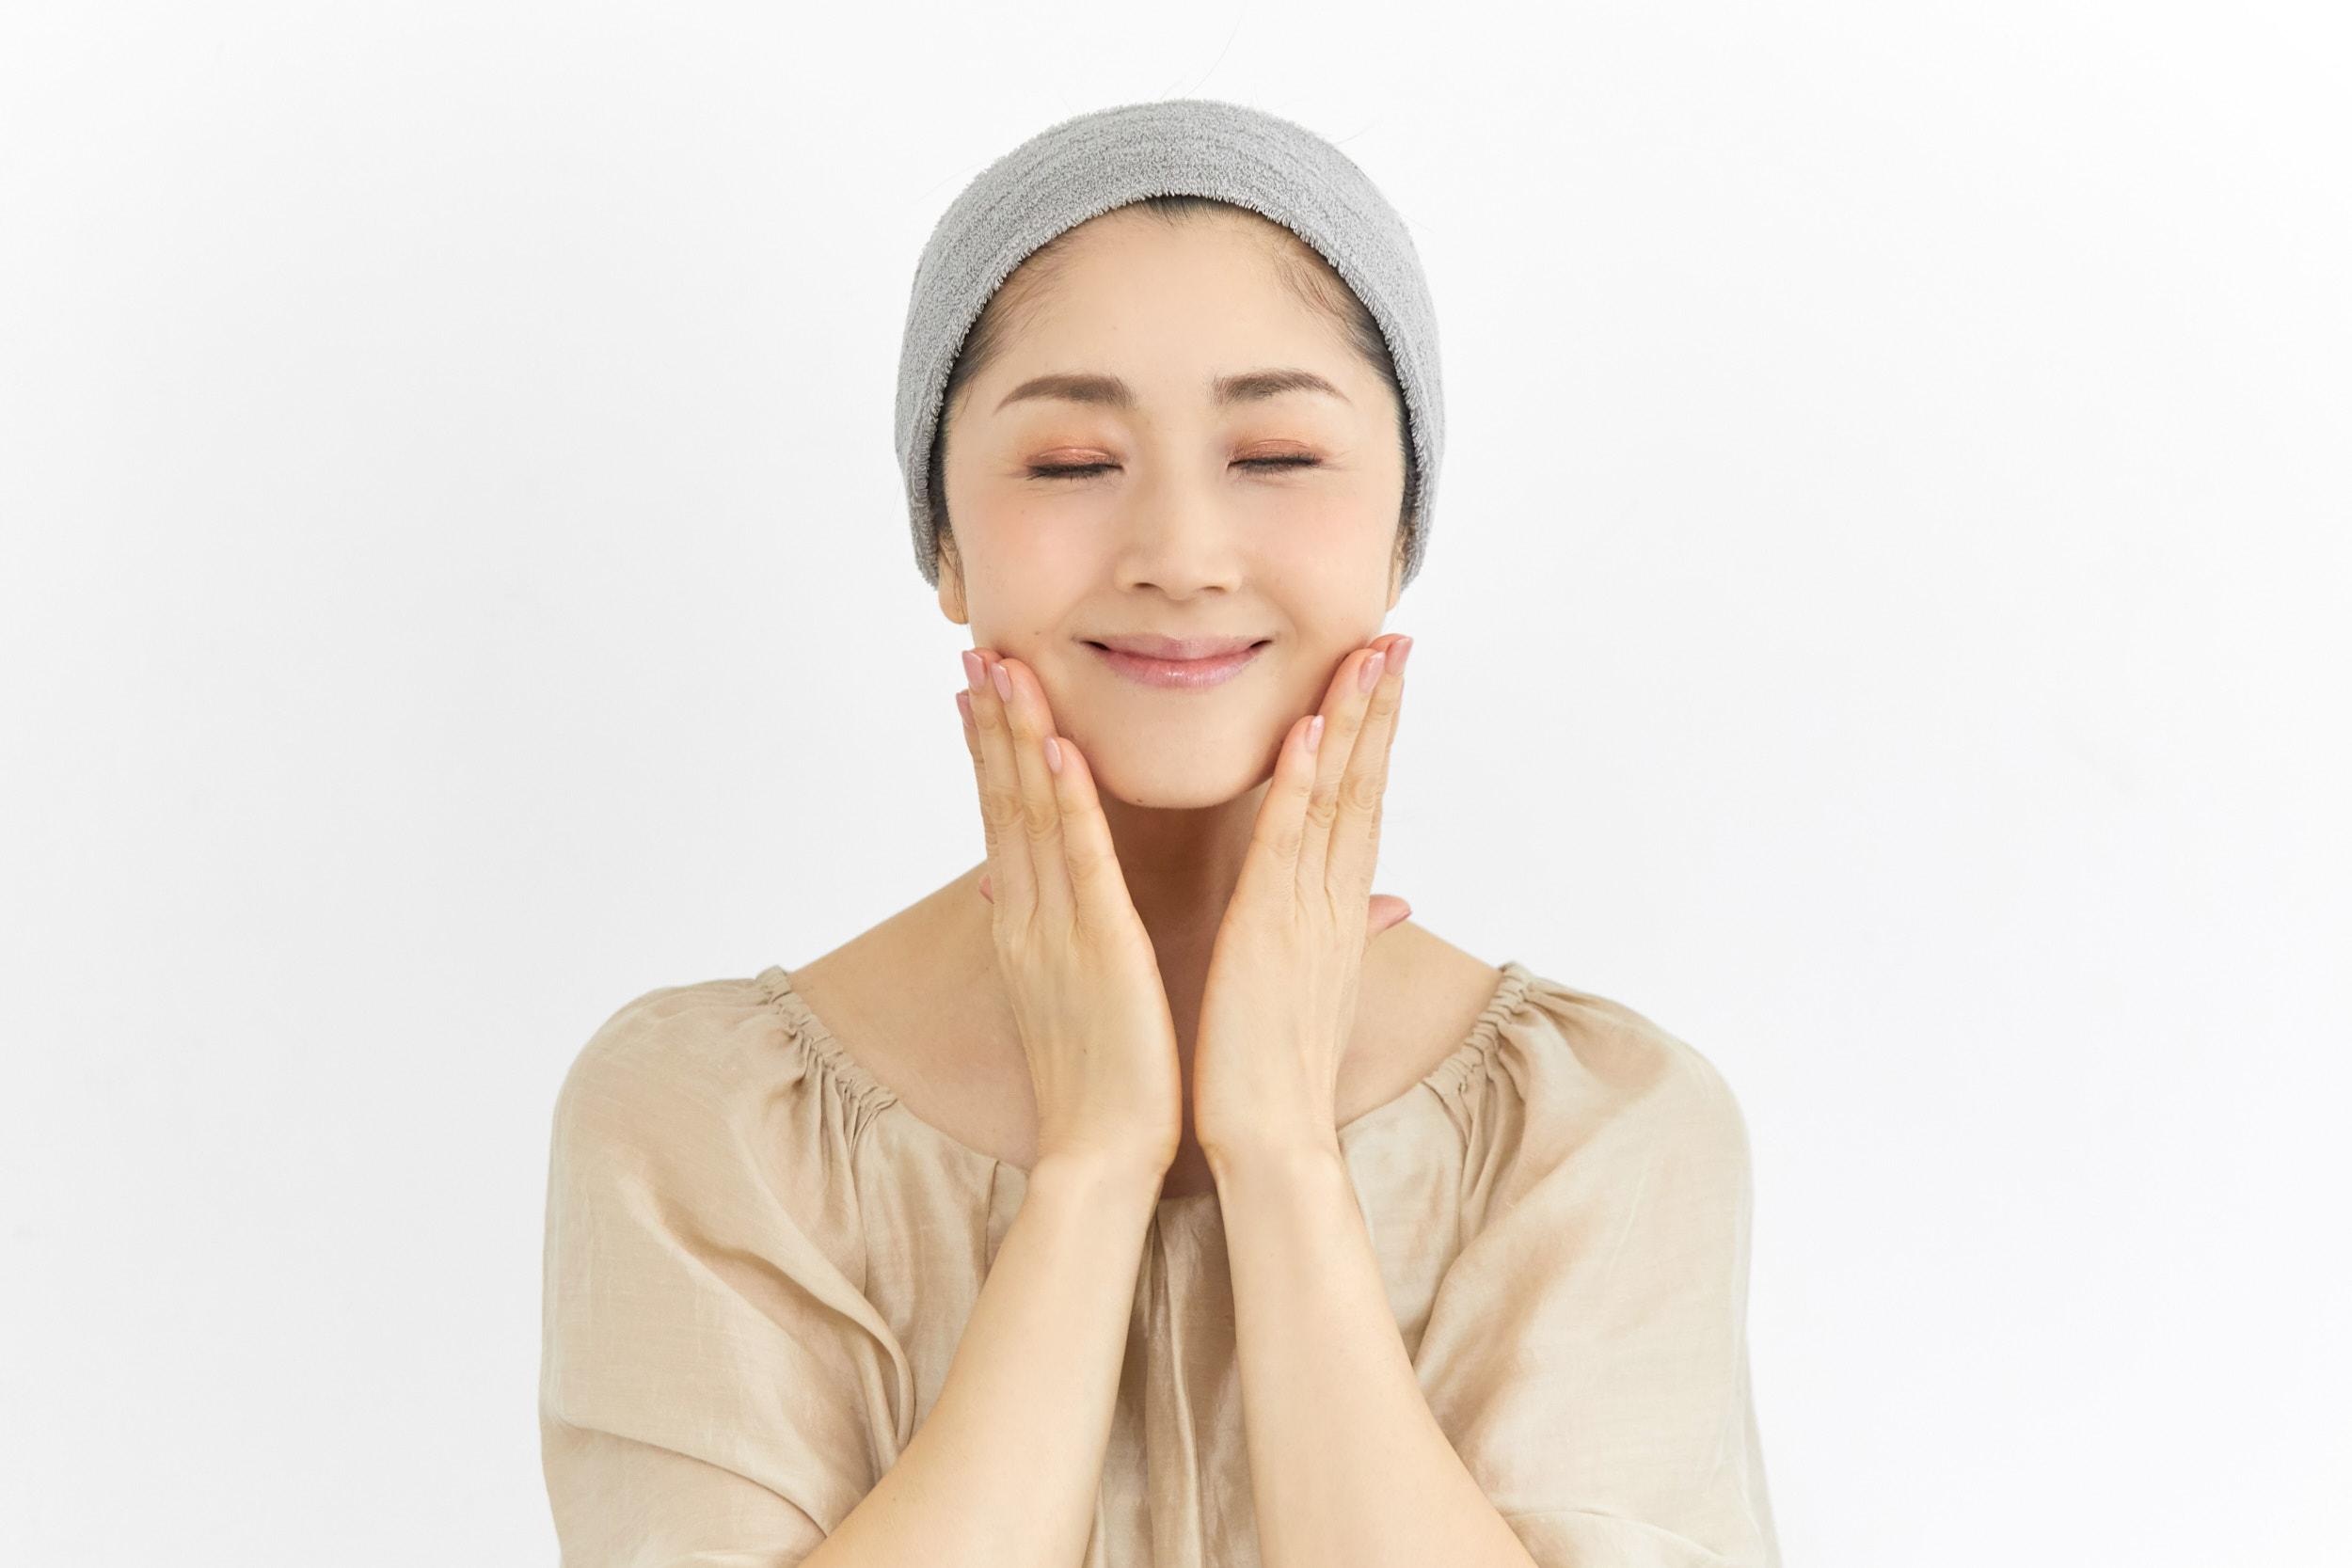 忙しい朝でも簡単!現役モデルが実践している顔のむくみ&くすみを解消する【朝の1分マッサージ】